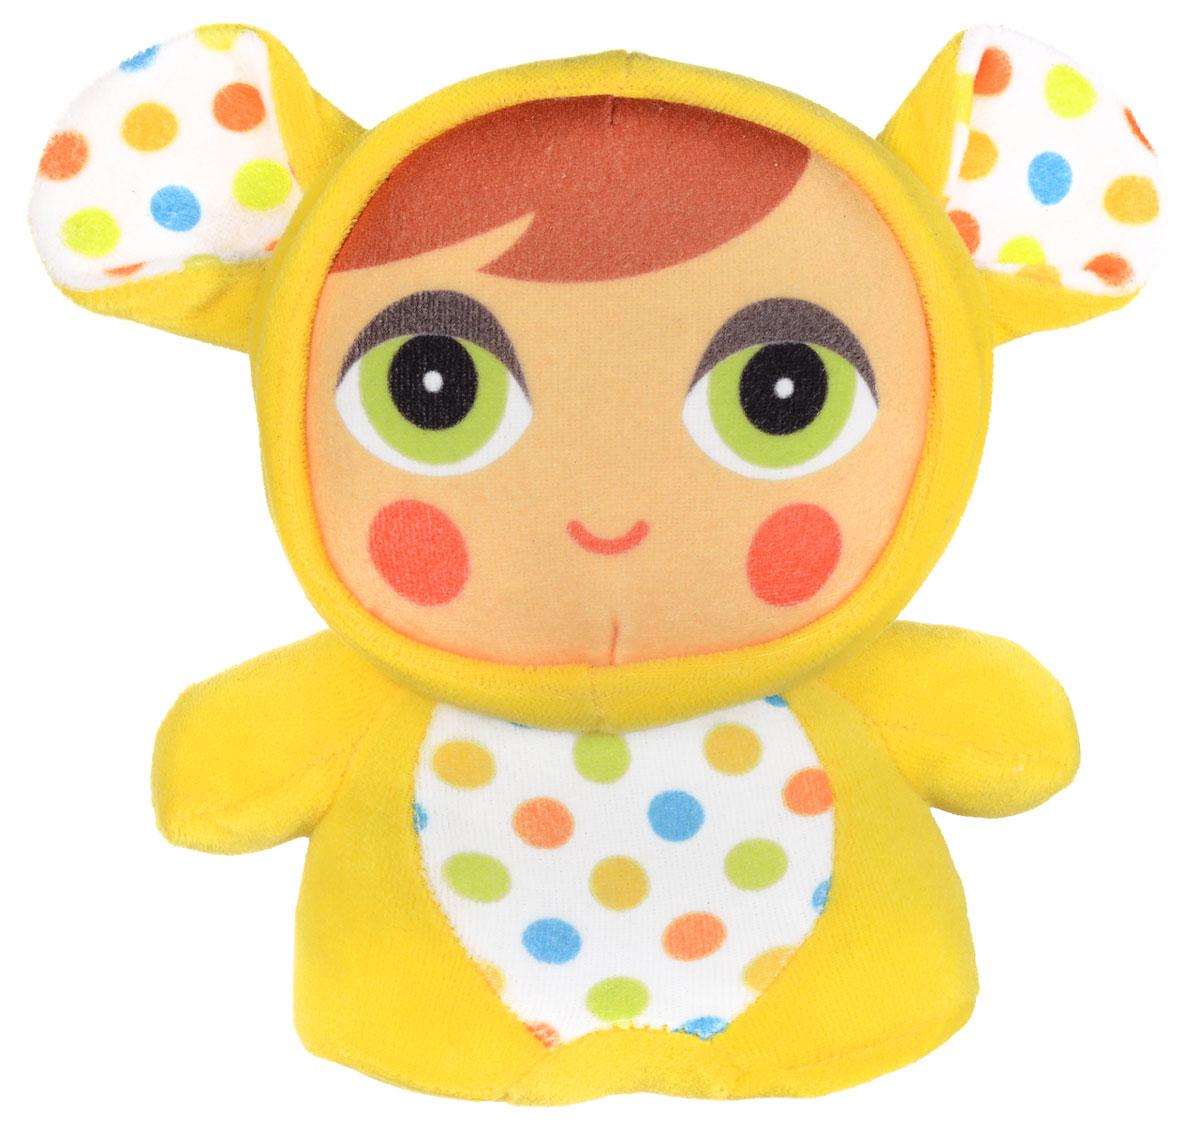 Mommy Love Развивающая игрушка Глазки в глазки цвет желтыйCHL0\M3_желтыйРазвивающая игрушка Mommy Love Глазки в глазки - это маленький человечек в костюме зверушки. Благодаря большим глазам игрушки достигается эффект глаза в глаза, который ускоряет социализацию ребенка. Шуршащие ушки и встроенная погремушка развивают слух, приятный на ощупь материал, специальная форма игрушки и подобранная цветовая гамма удовлетворяют потребности ребенка в телесно-кинестетических, визуальных и вербальных контактах, самых важных до 3-х лет.